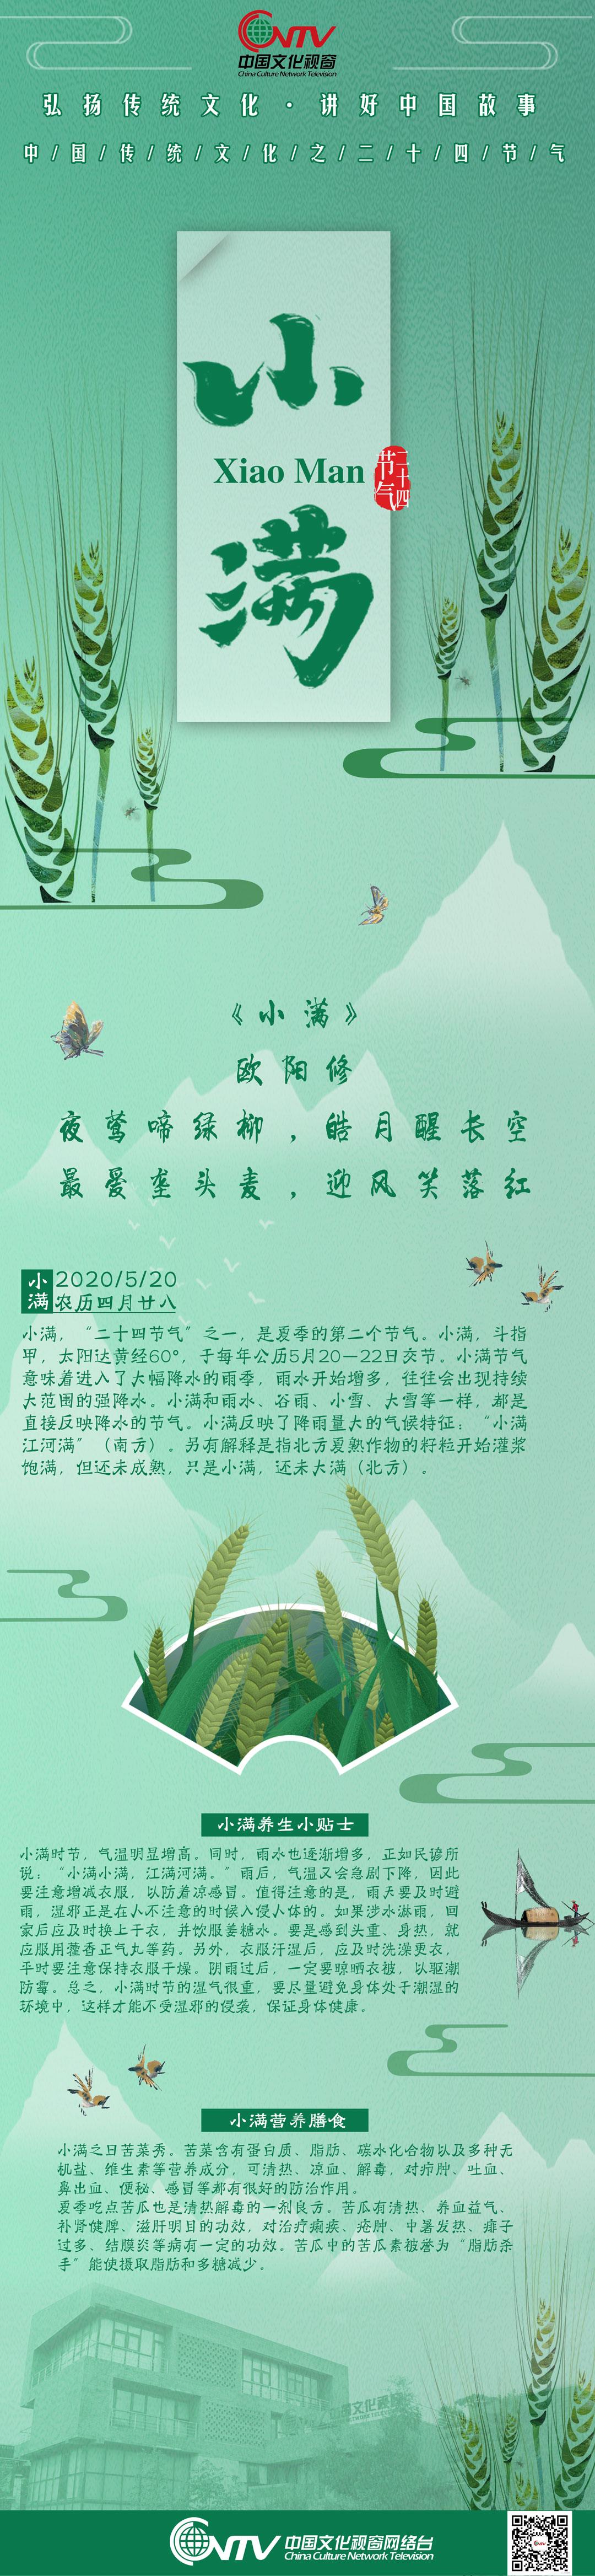 """中国传统文化二十四节气之""""小满""""#一分钟看中国"""